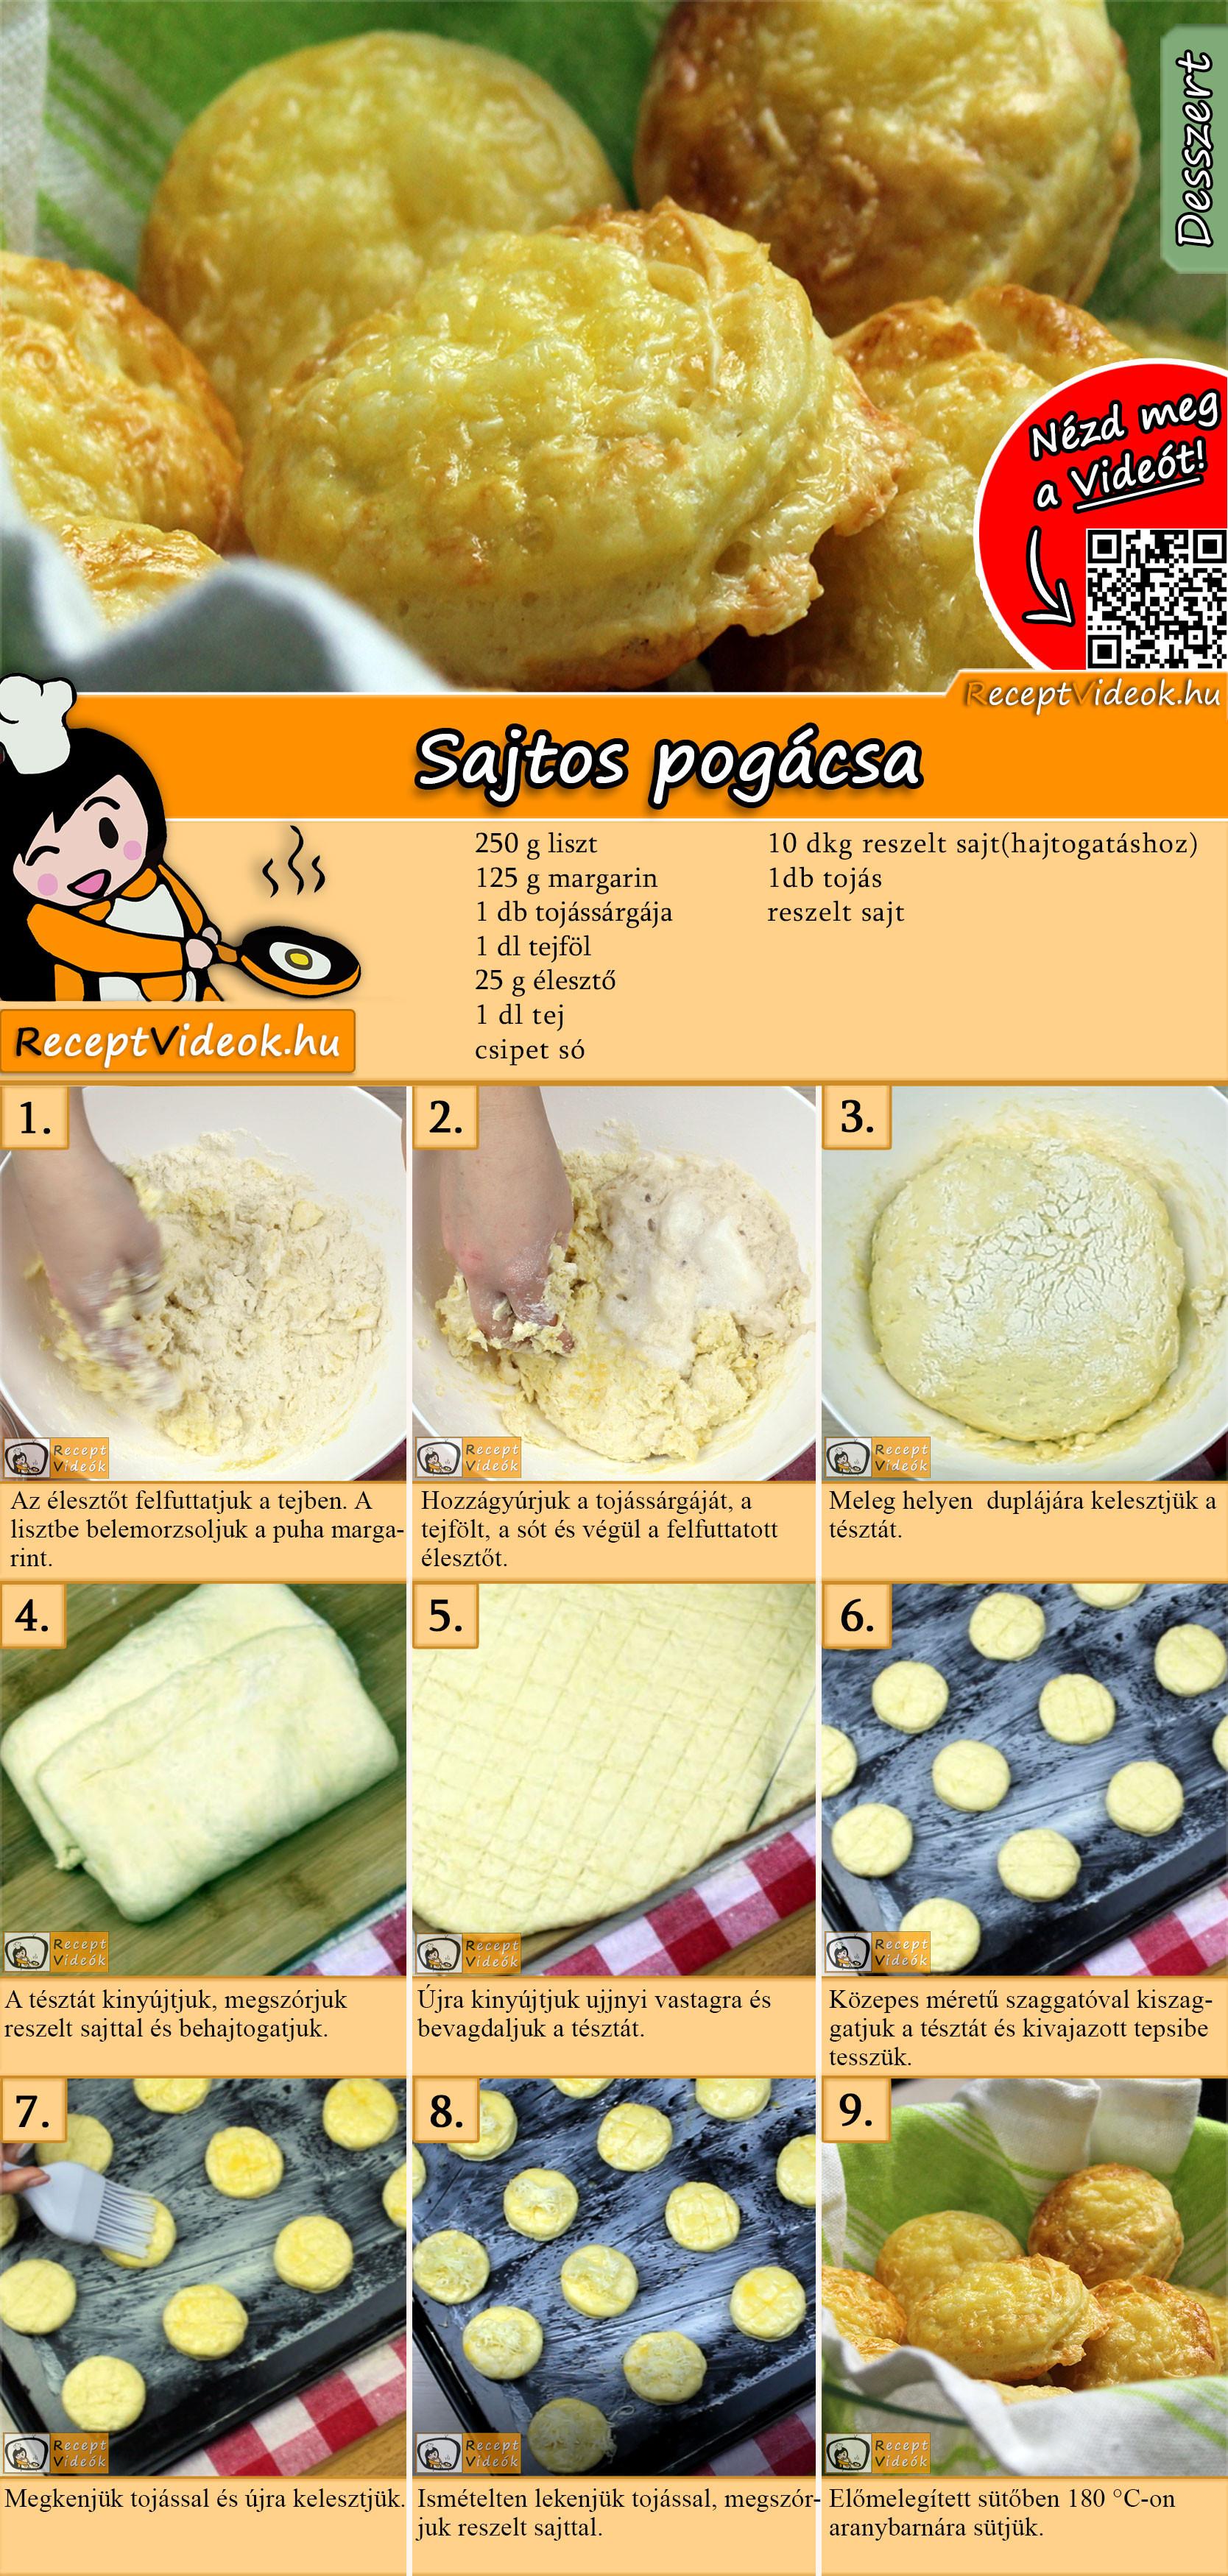 Sajtos pogácsa recept elkészítése videóval